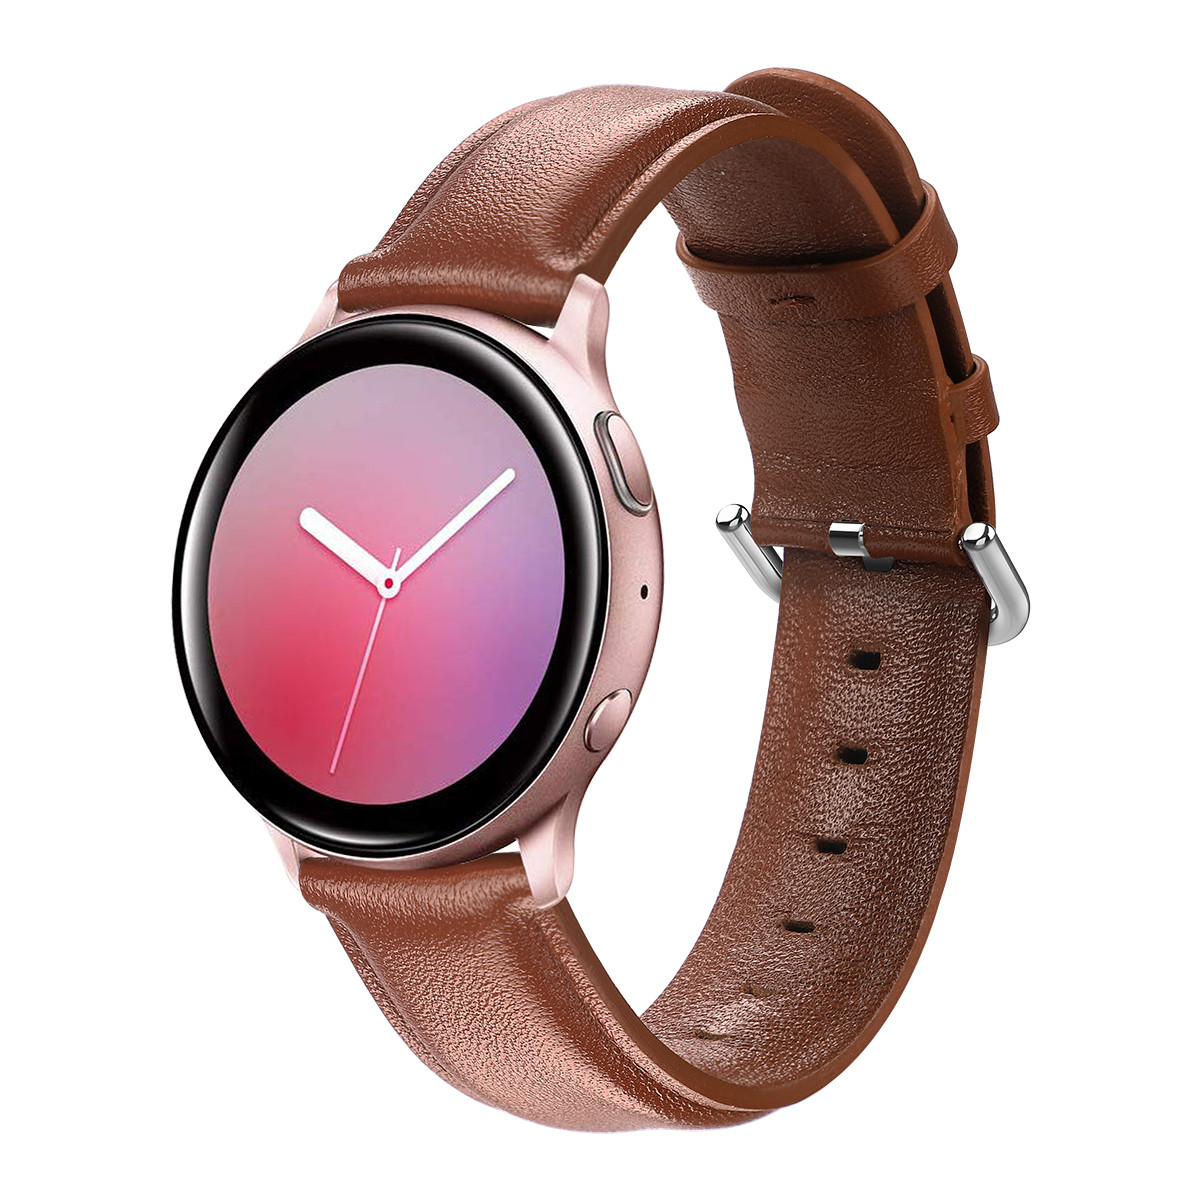 Ремешок для Samsung Active | Active 2 | Galaxy watch 42mm кожаный 20мм размер L Коричневый BeWatch (1220106)